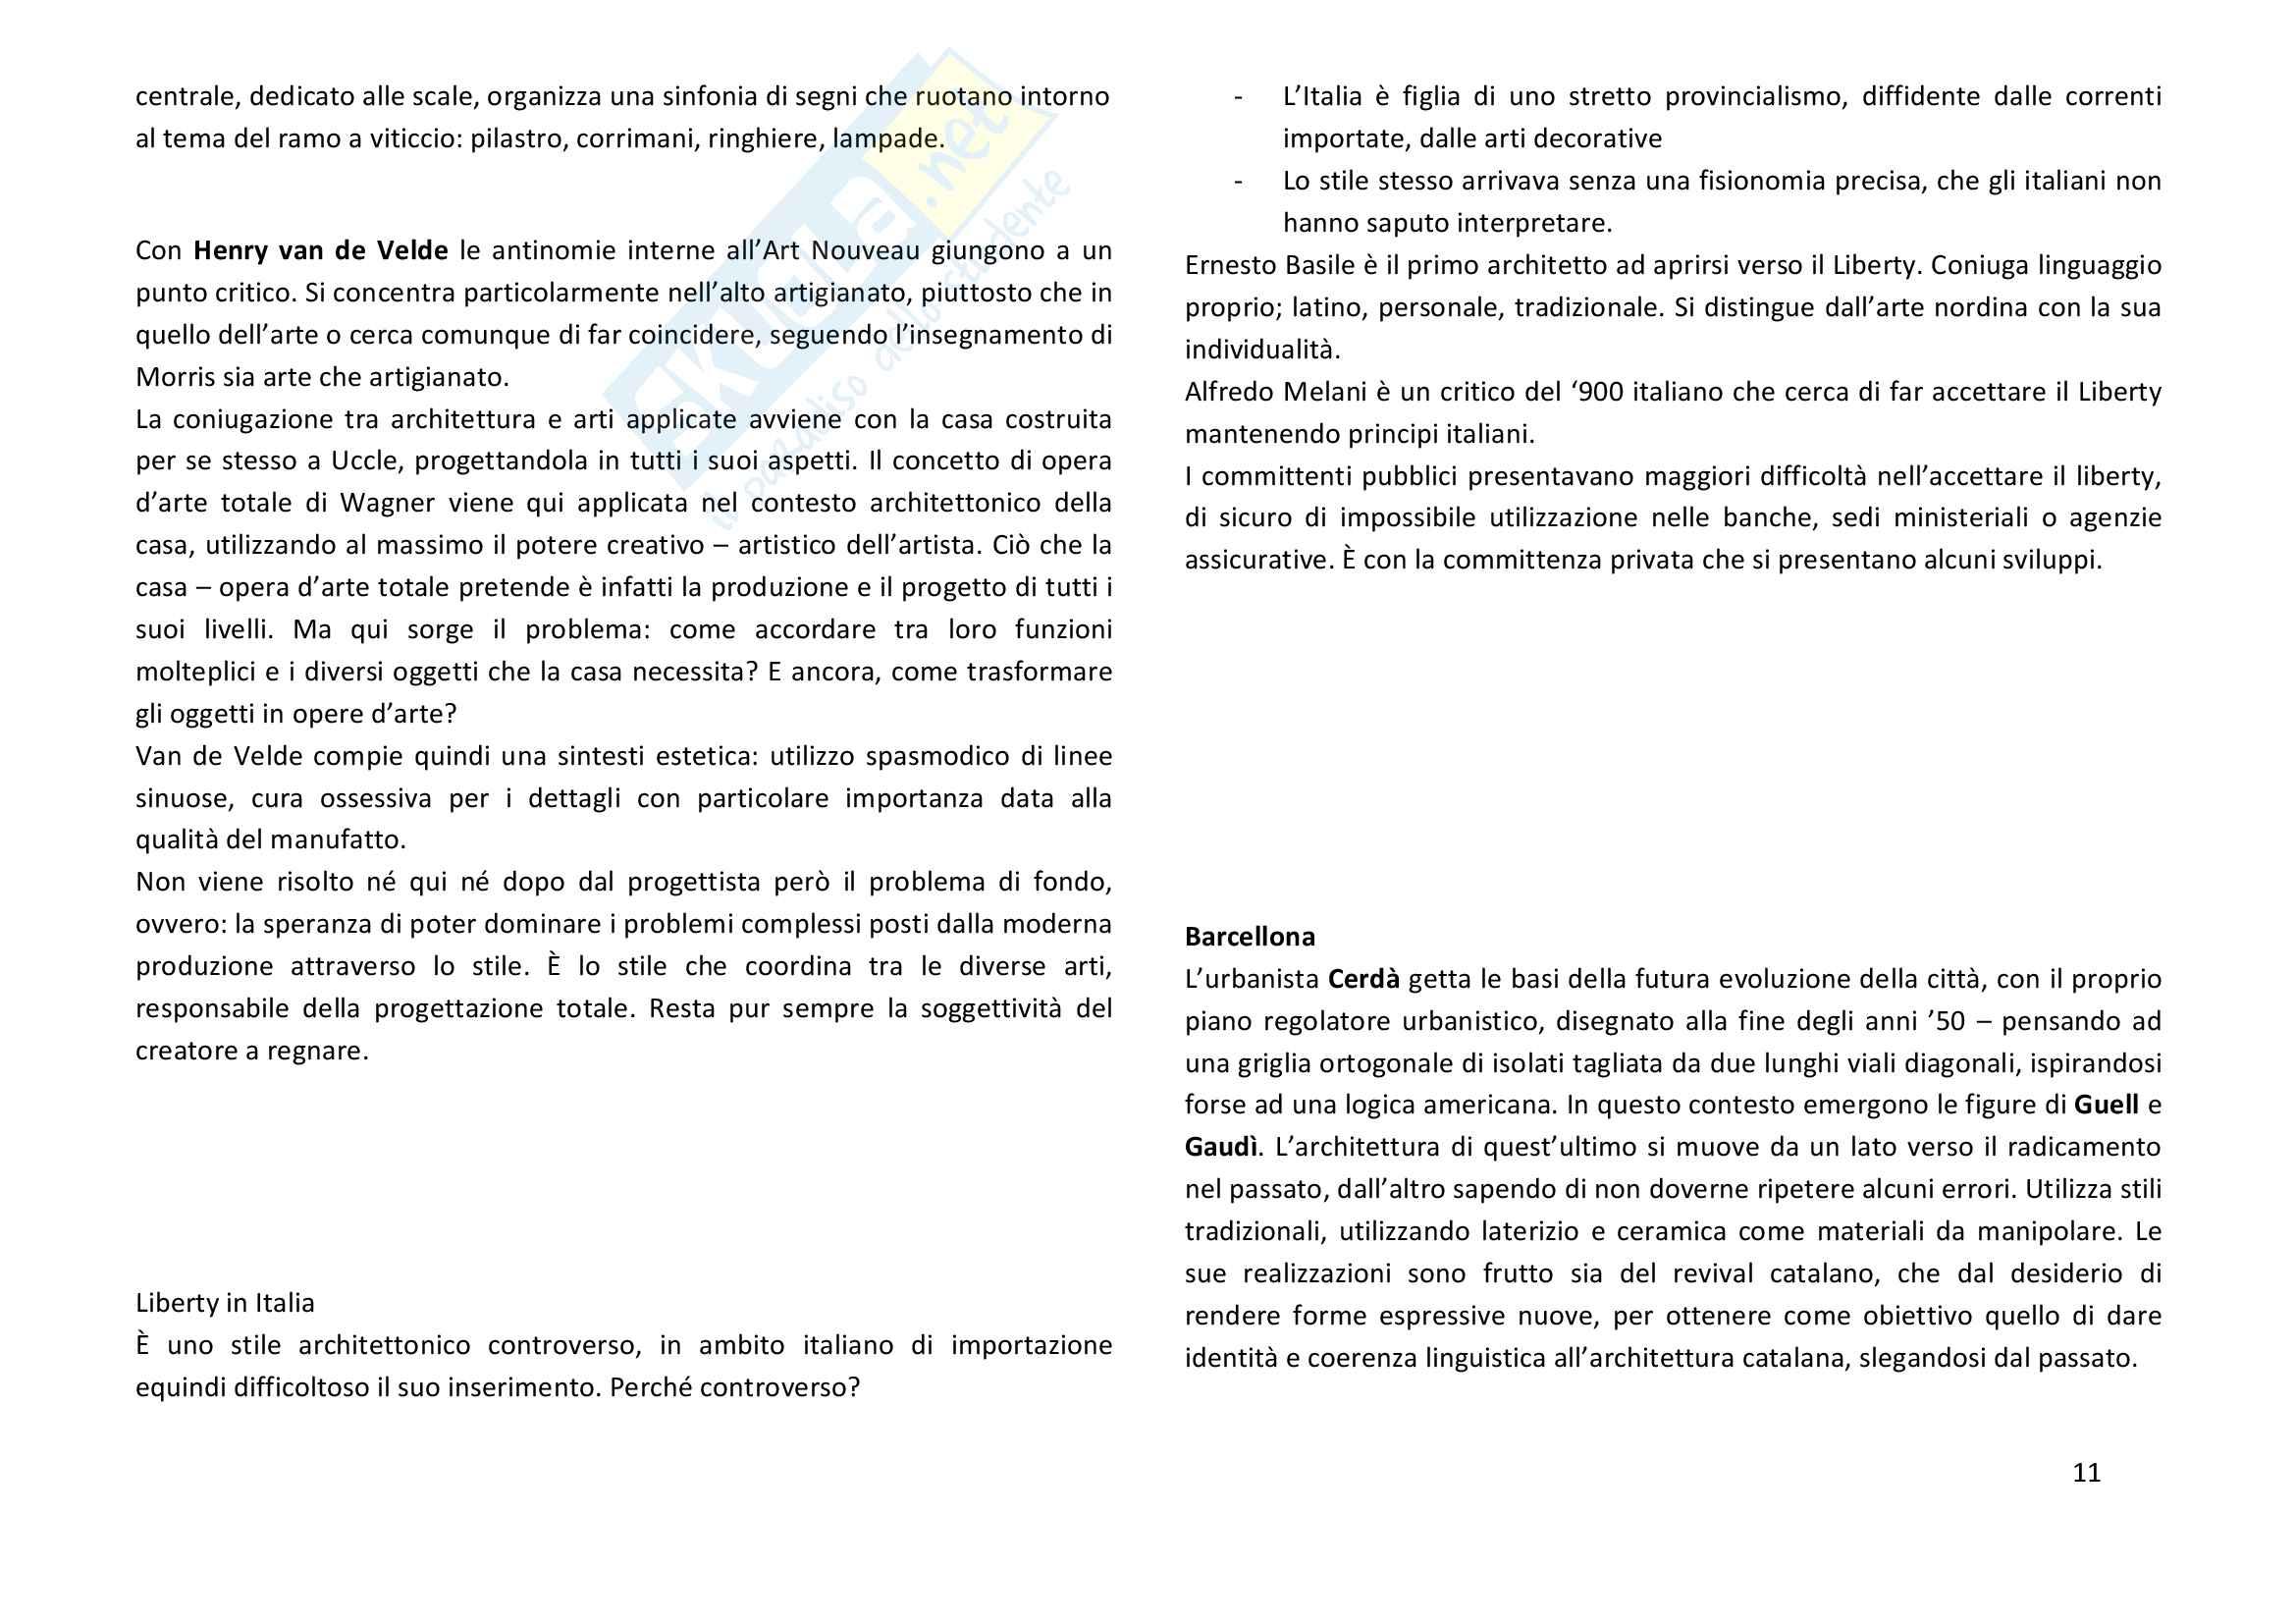 Riassunto Storia dell'architettura contemporanea 1750 - 1945 Pag. 11